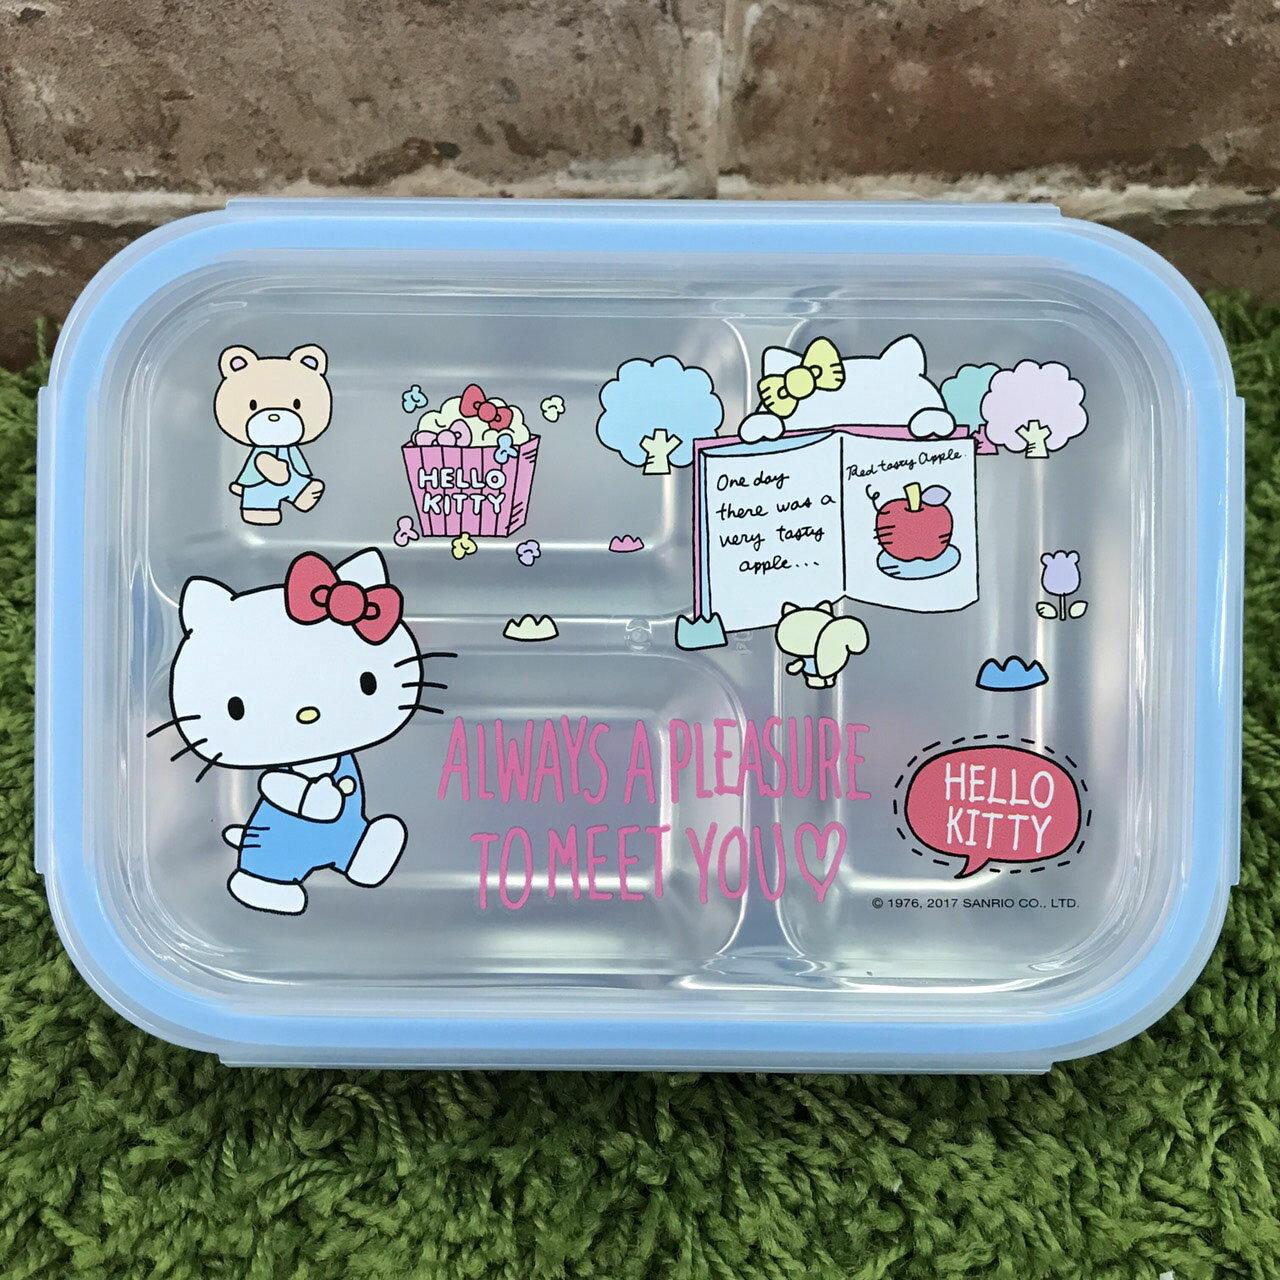 【真愛日本】17111600041 不鏽鋼分隔便當盒-KT讀書藍 三麗鷗 kitty 凱蒂貓 餐盒 304不鏽鋼